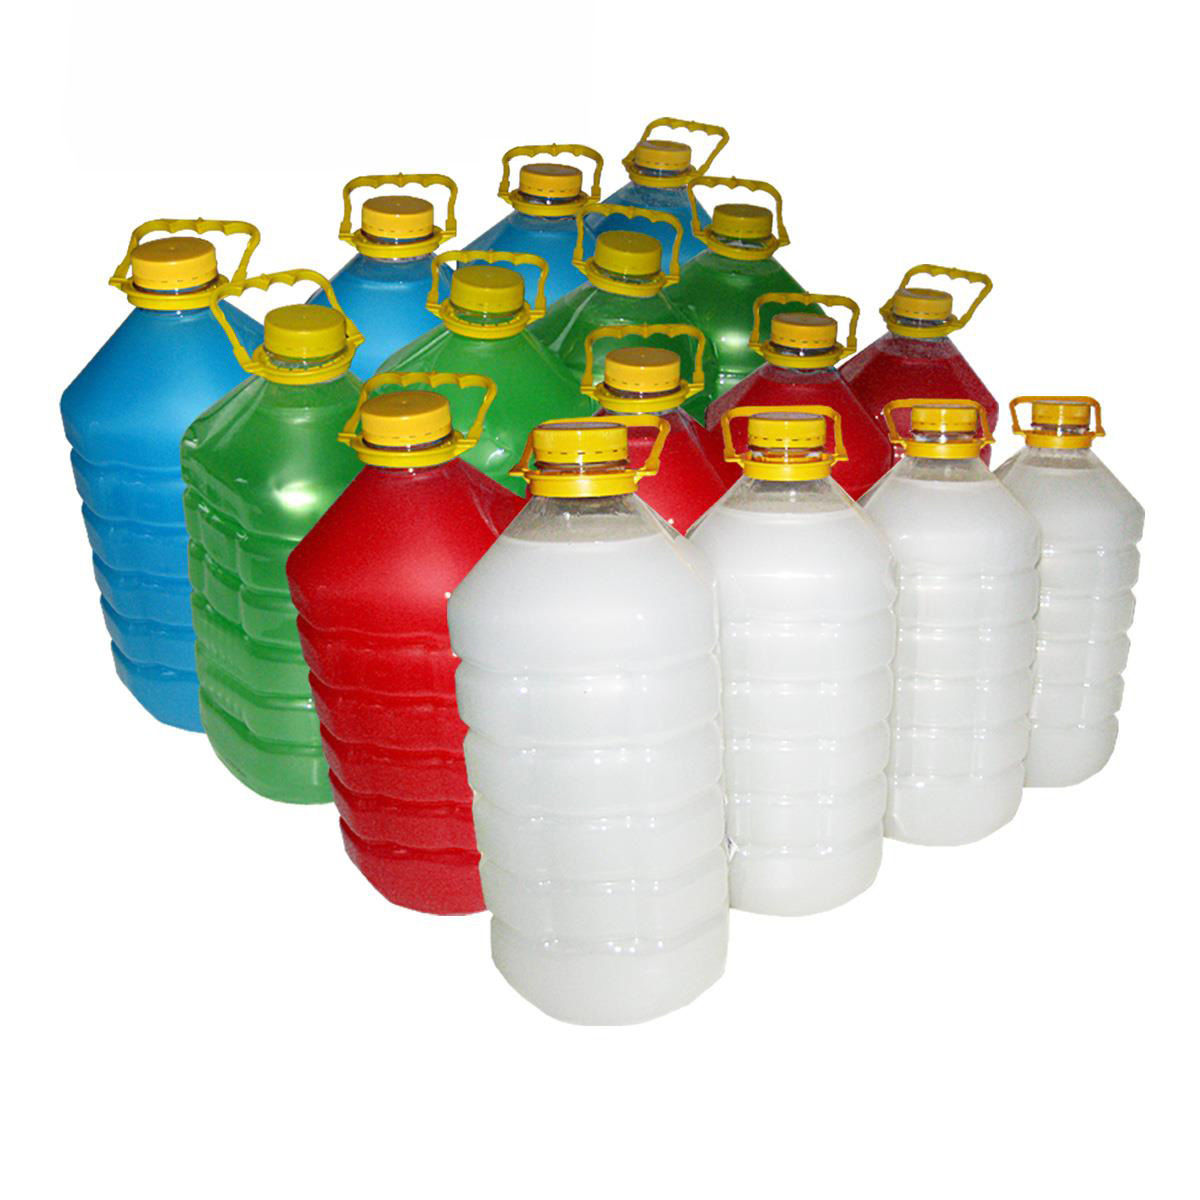 20 Liter Flüssigseife Seifenspender Seife Duft wählbar flüssige Seife